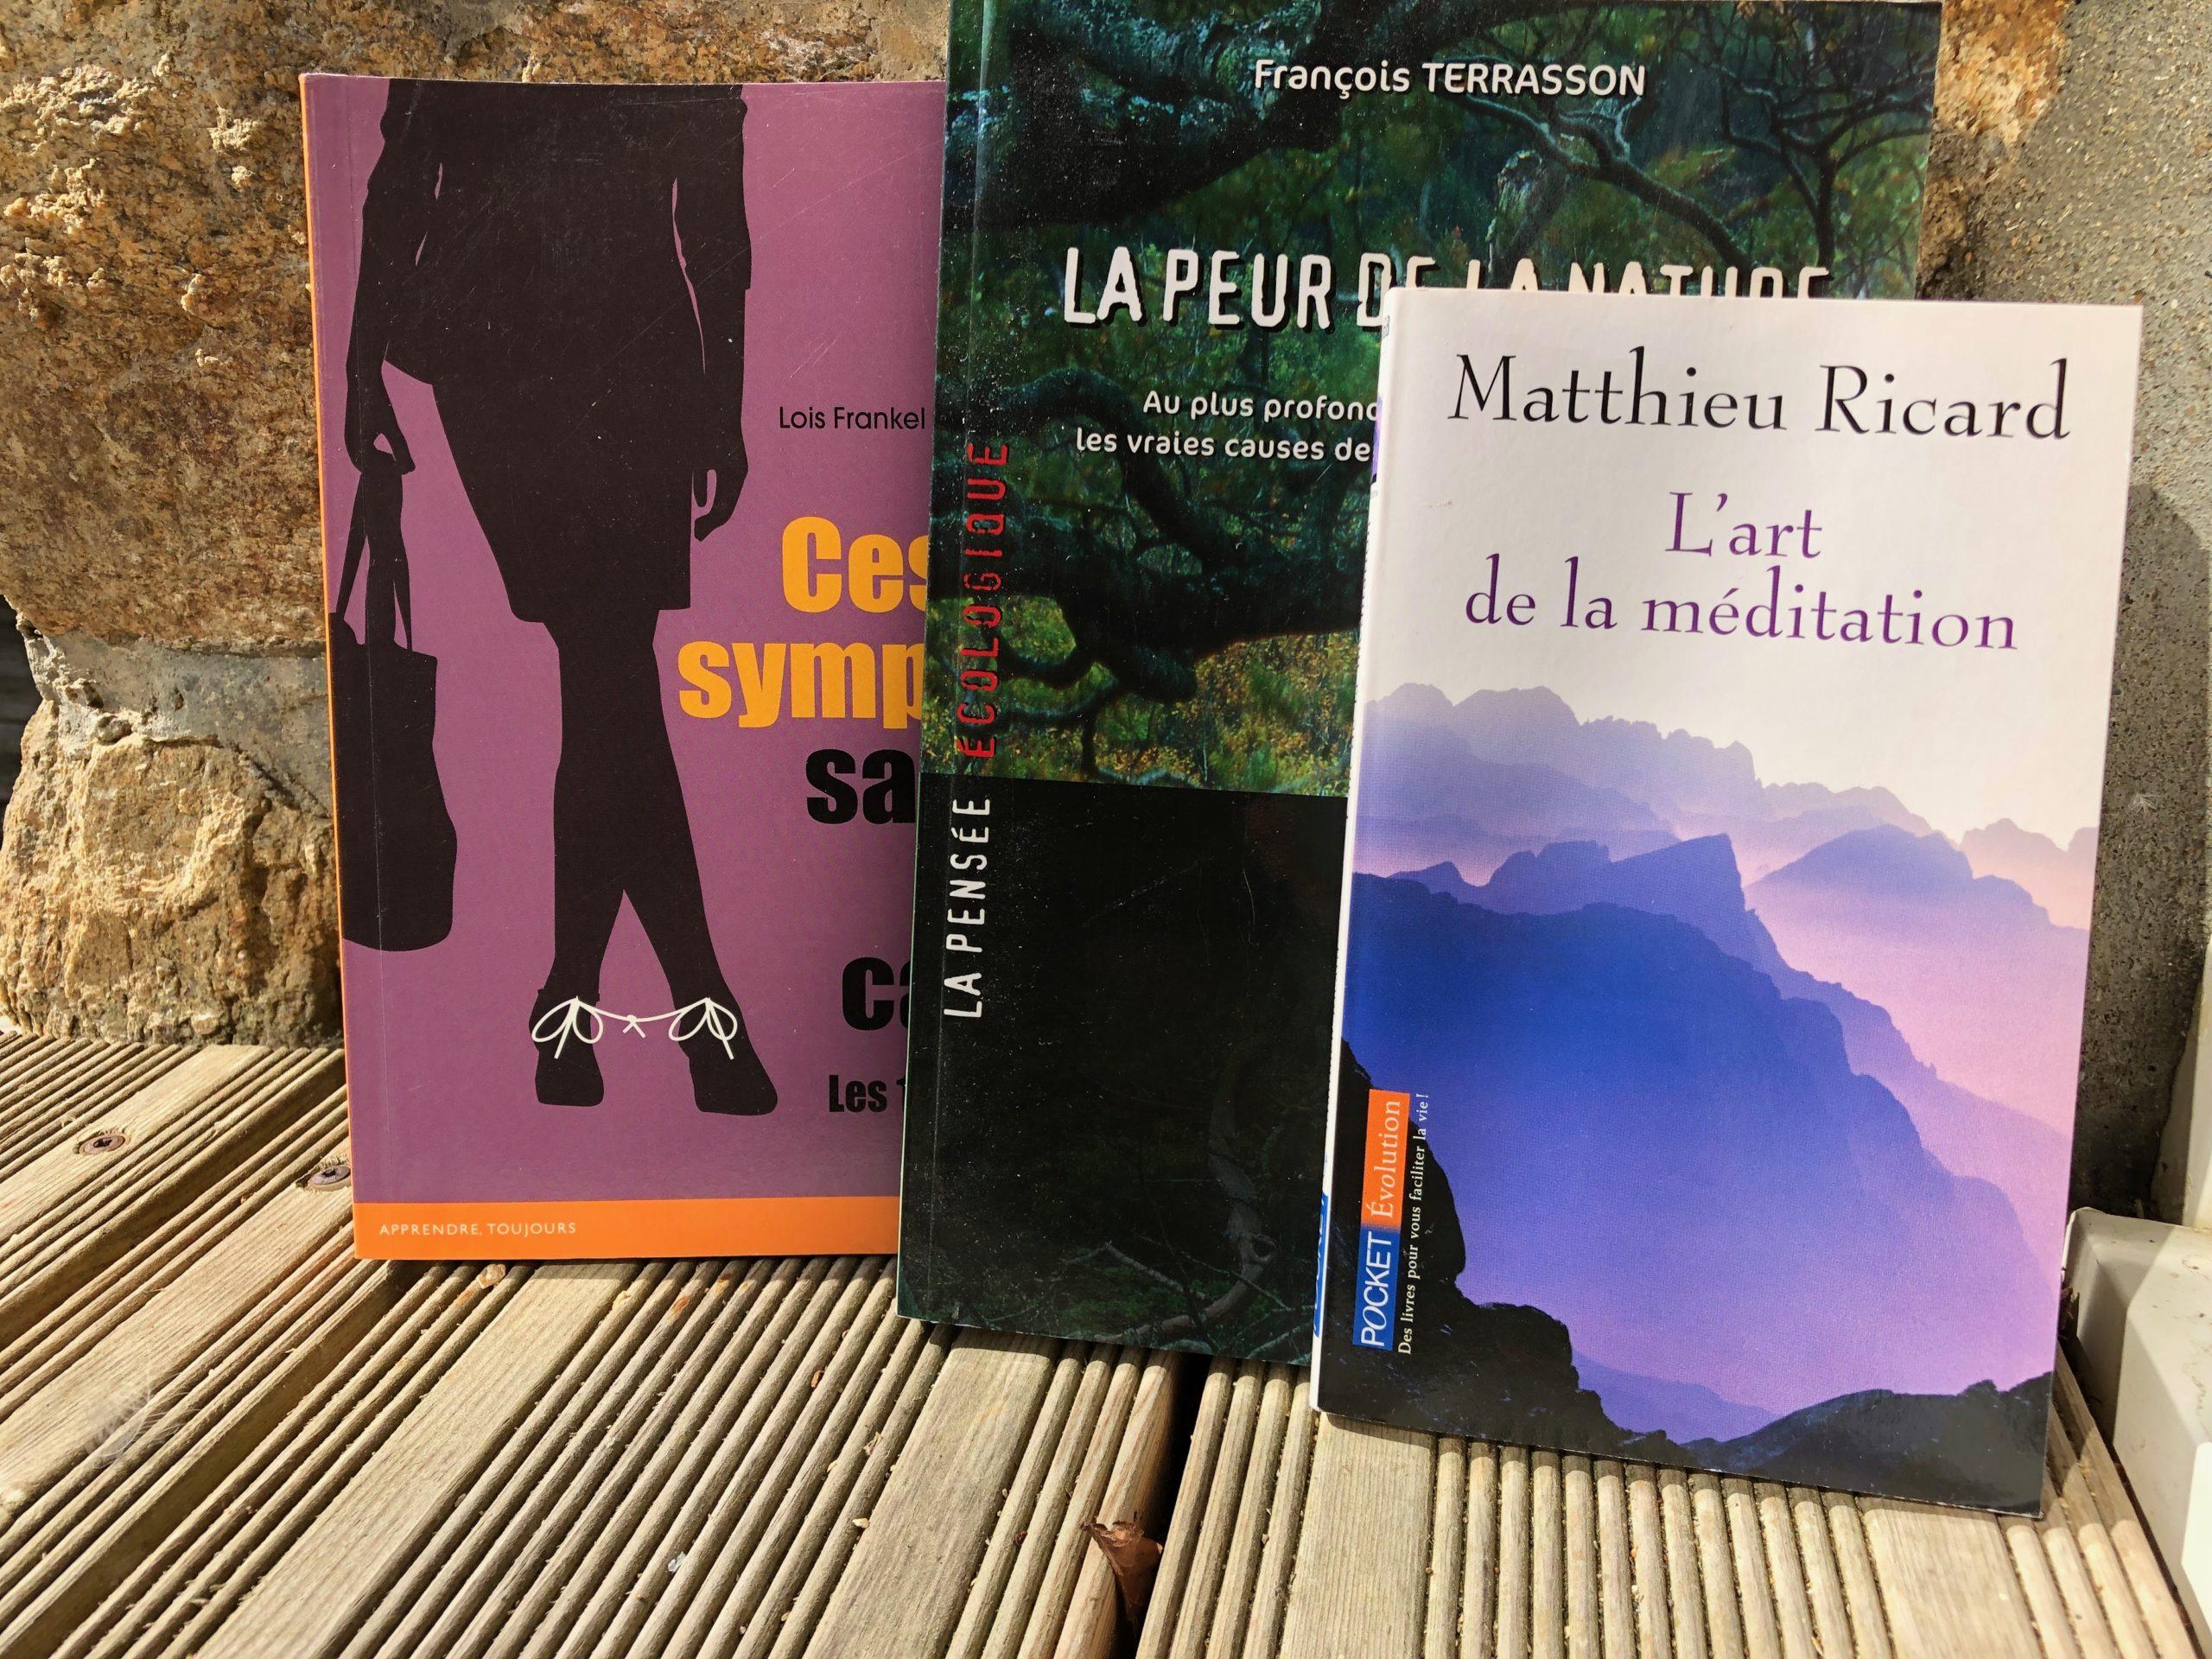 Des livres pour changer son destin (et ptêt celui de la planète sur un malentendu)